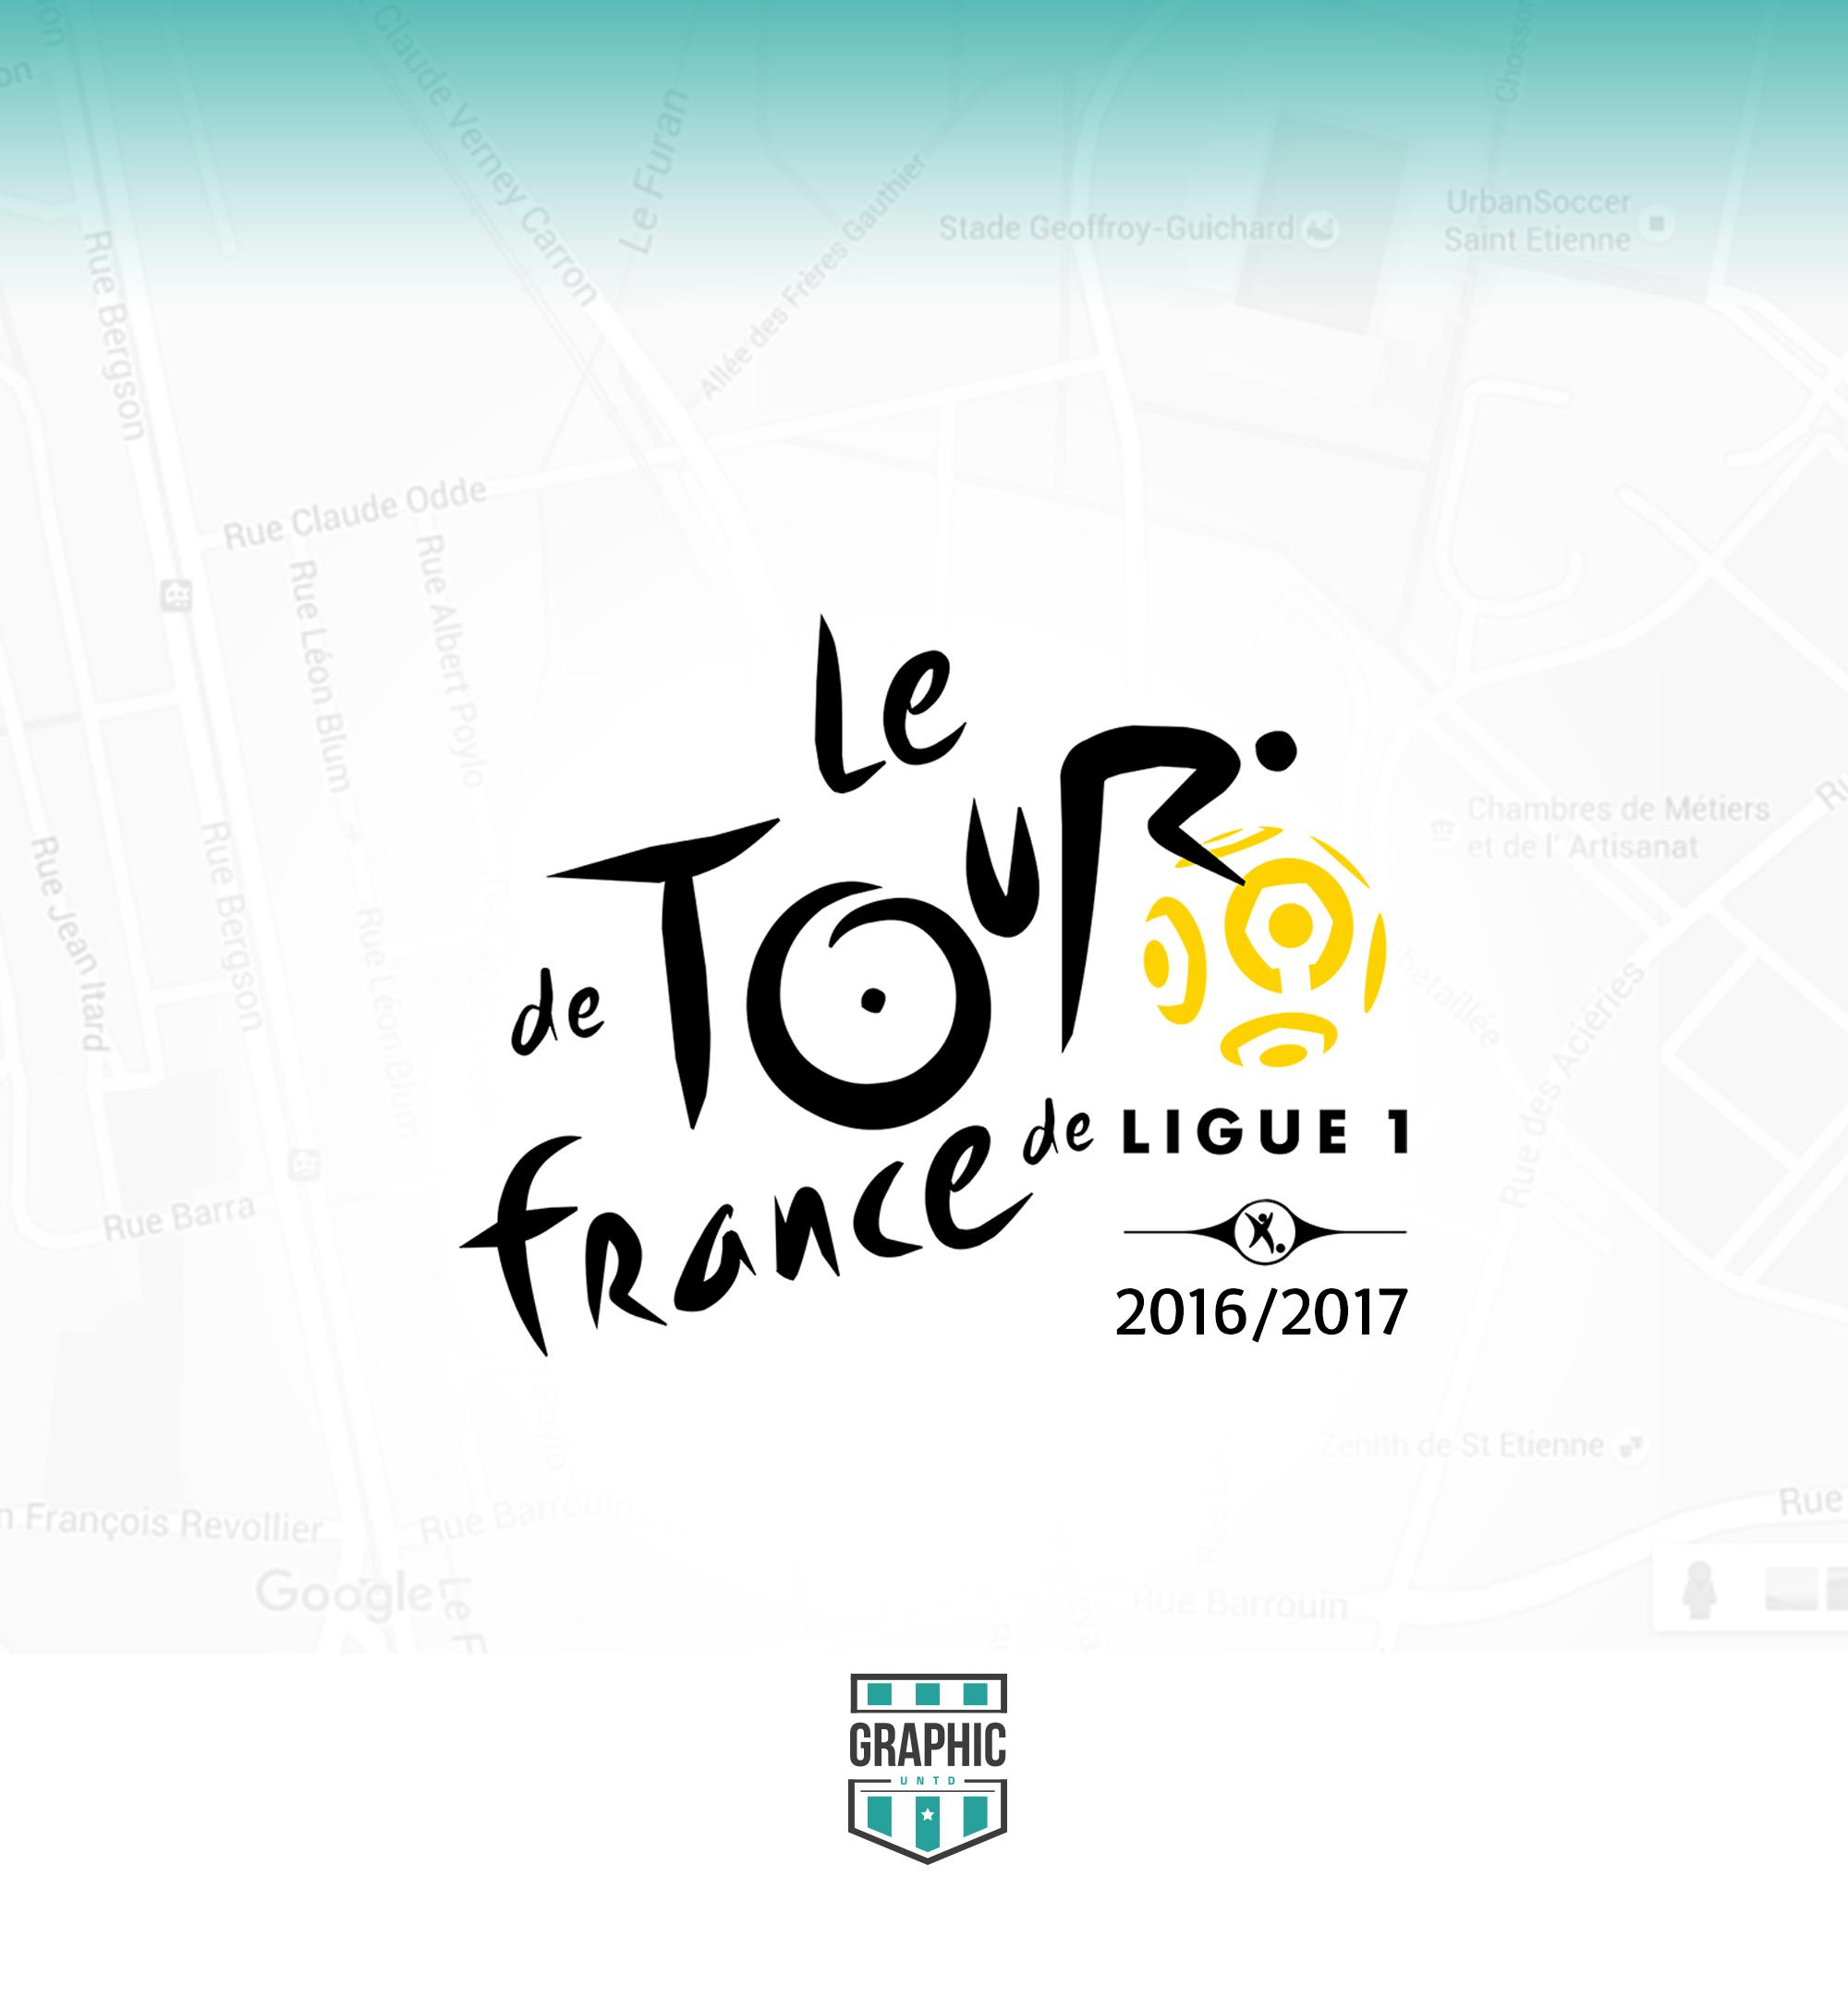 Tour de France de Ligue 1